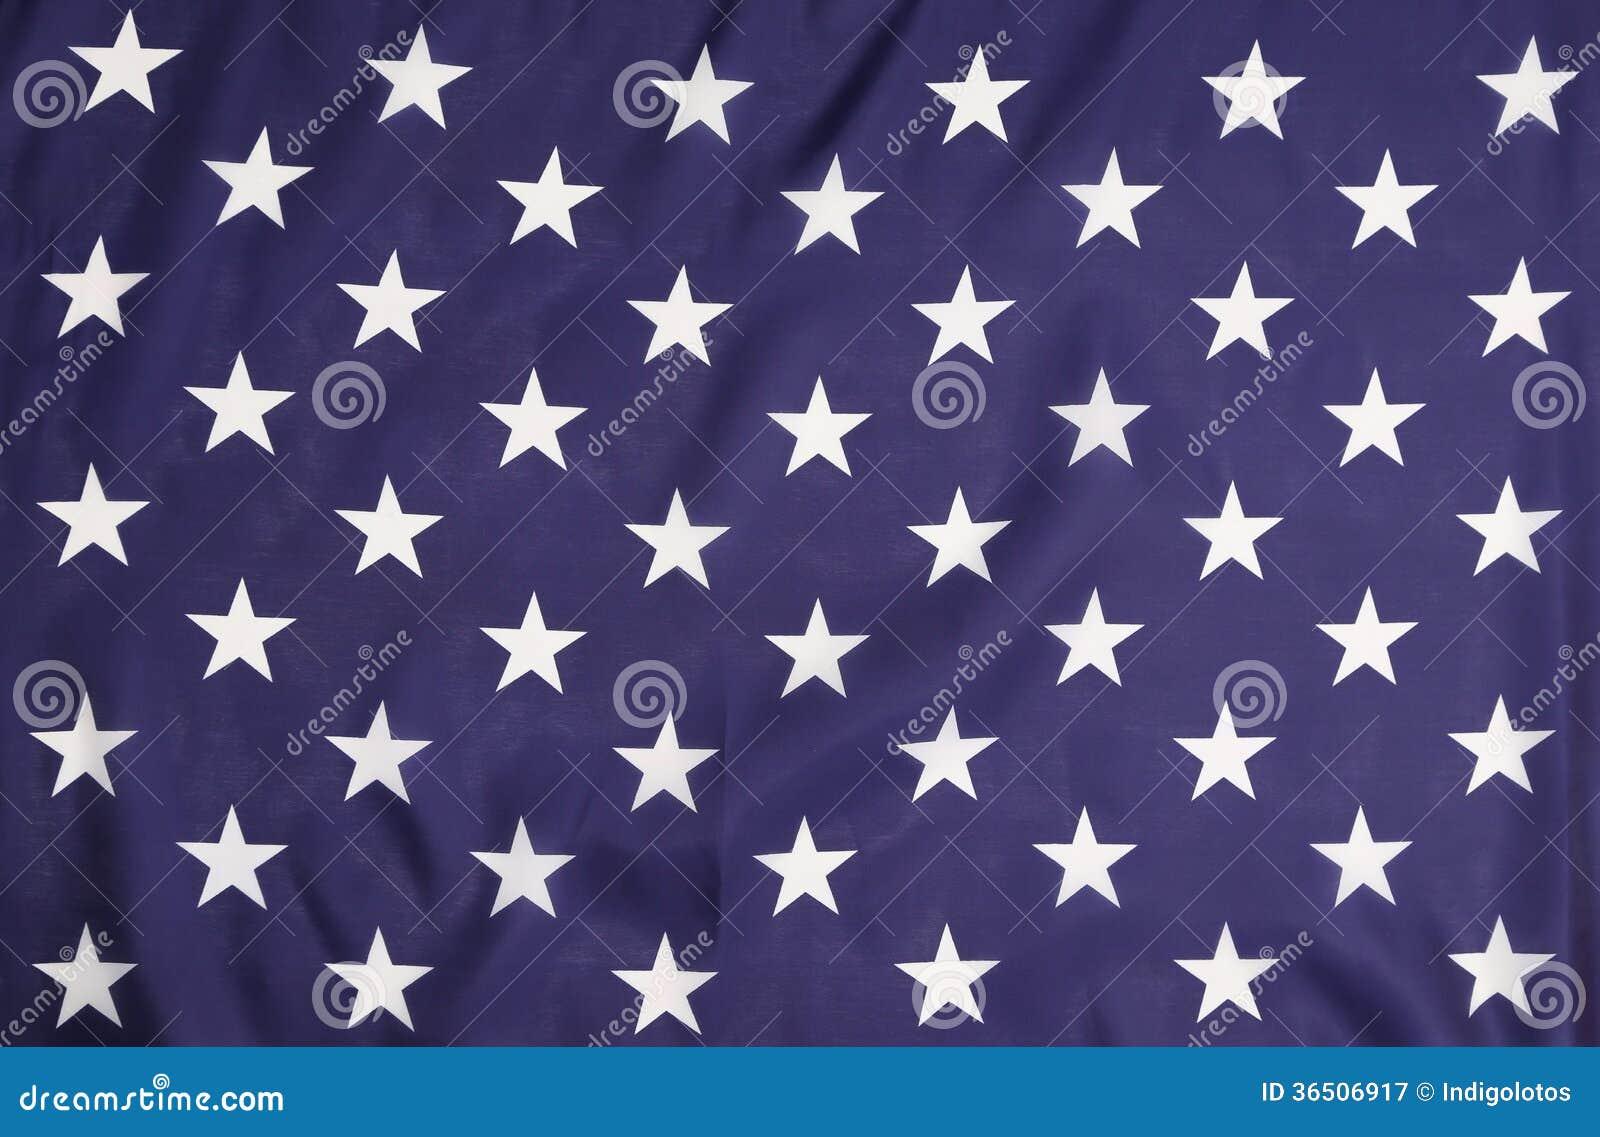 Американский флаг с белыми звездами.